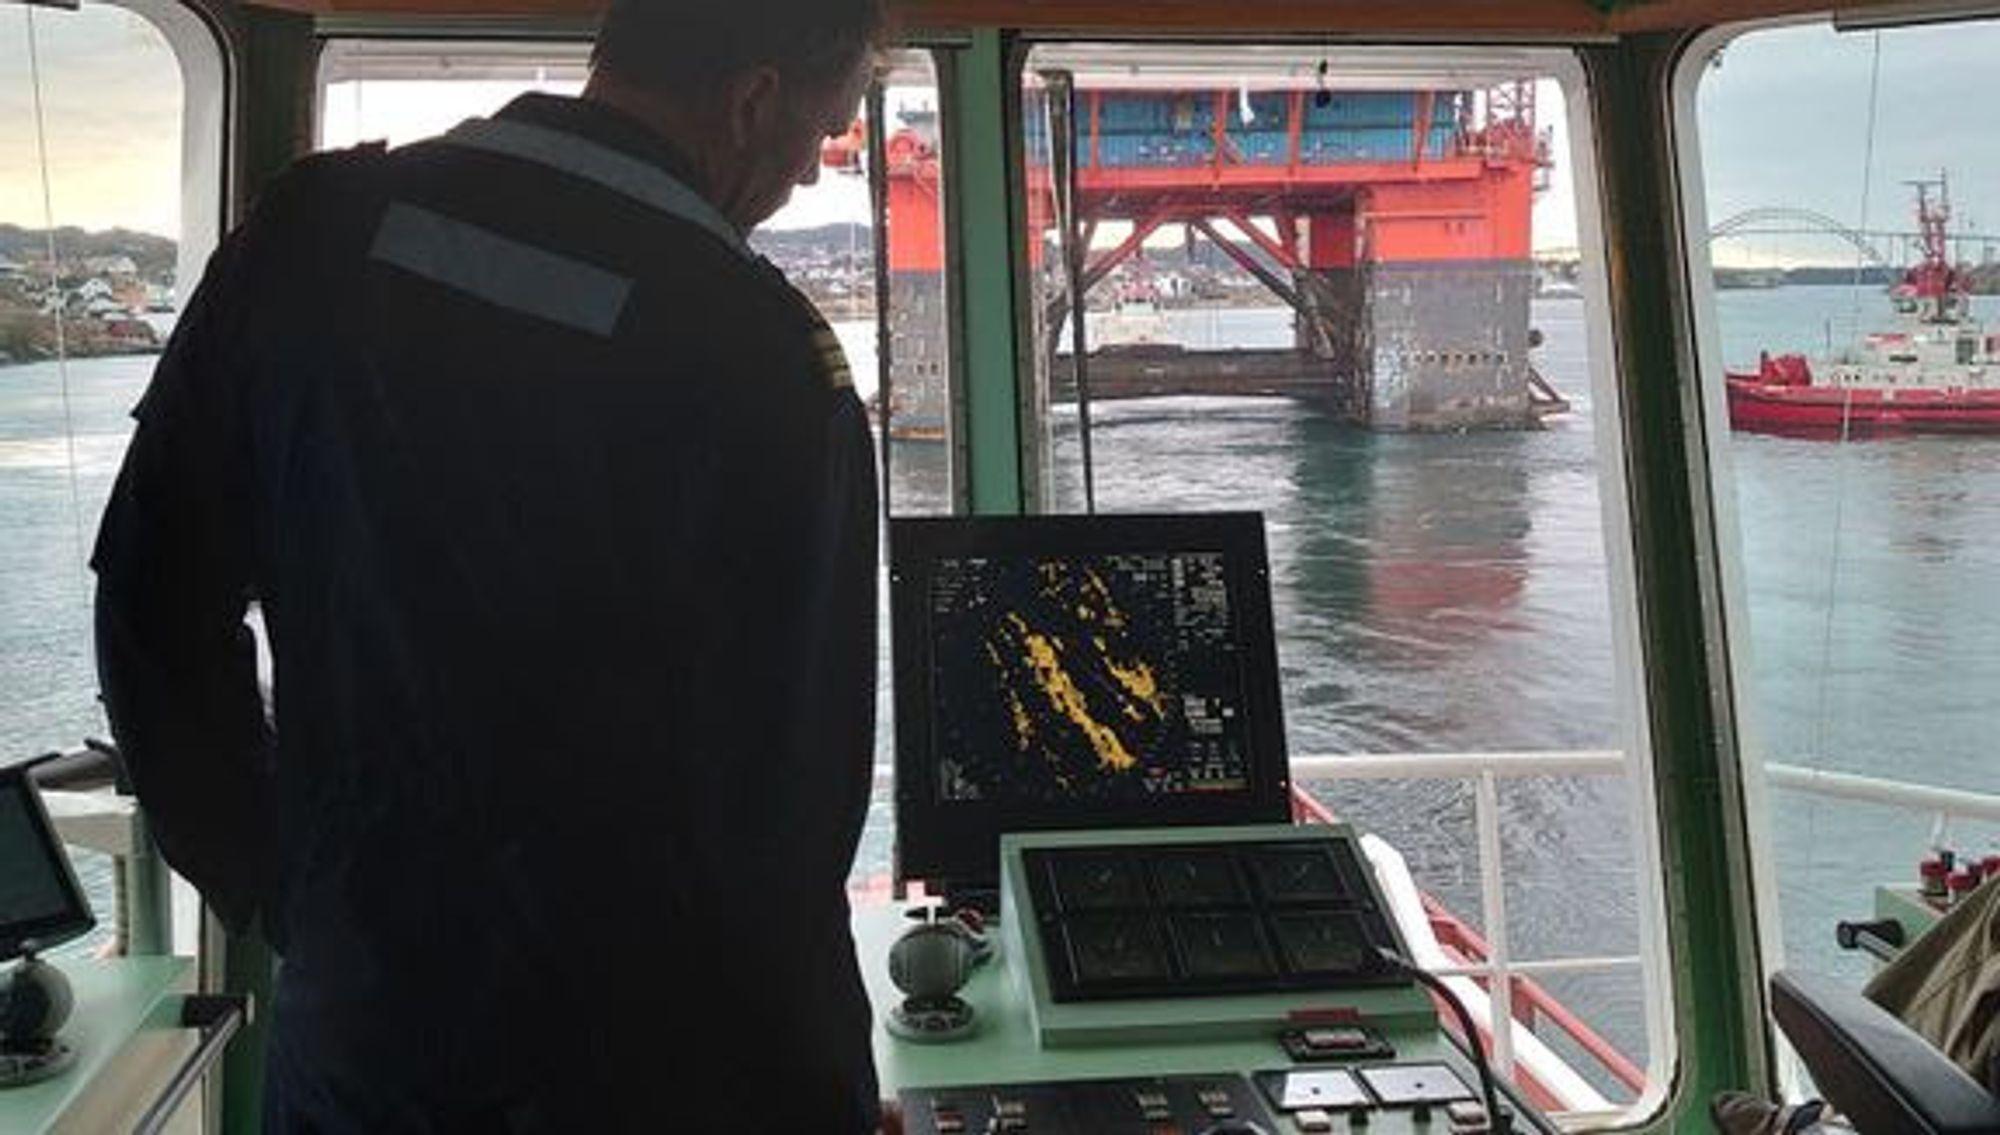 Kystverket vil øke sjøsikkerheten ved å utvikle et portabelt støtteverktøy som kan varsle losen om interferens på GSNN-signal.